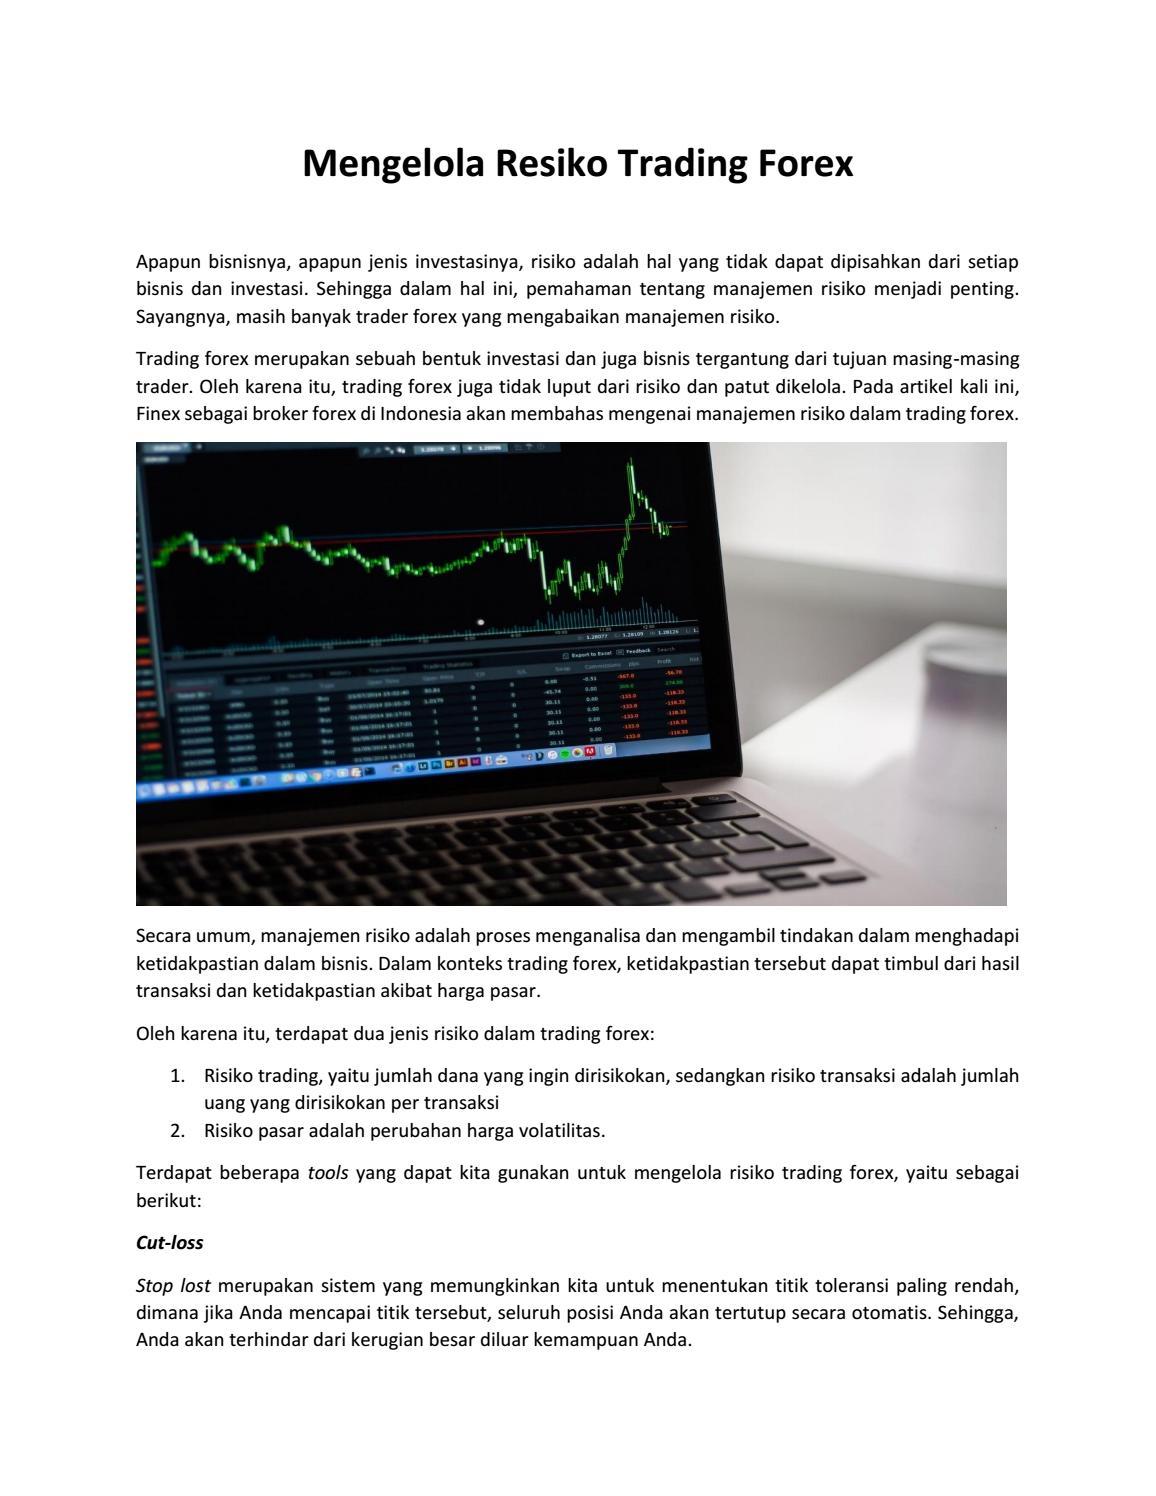 Proses Manajemen Risiko Dalam Forex